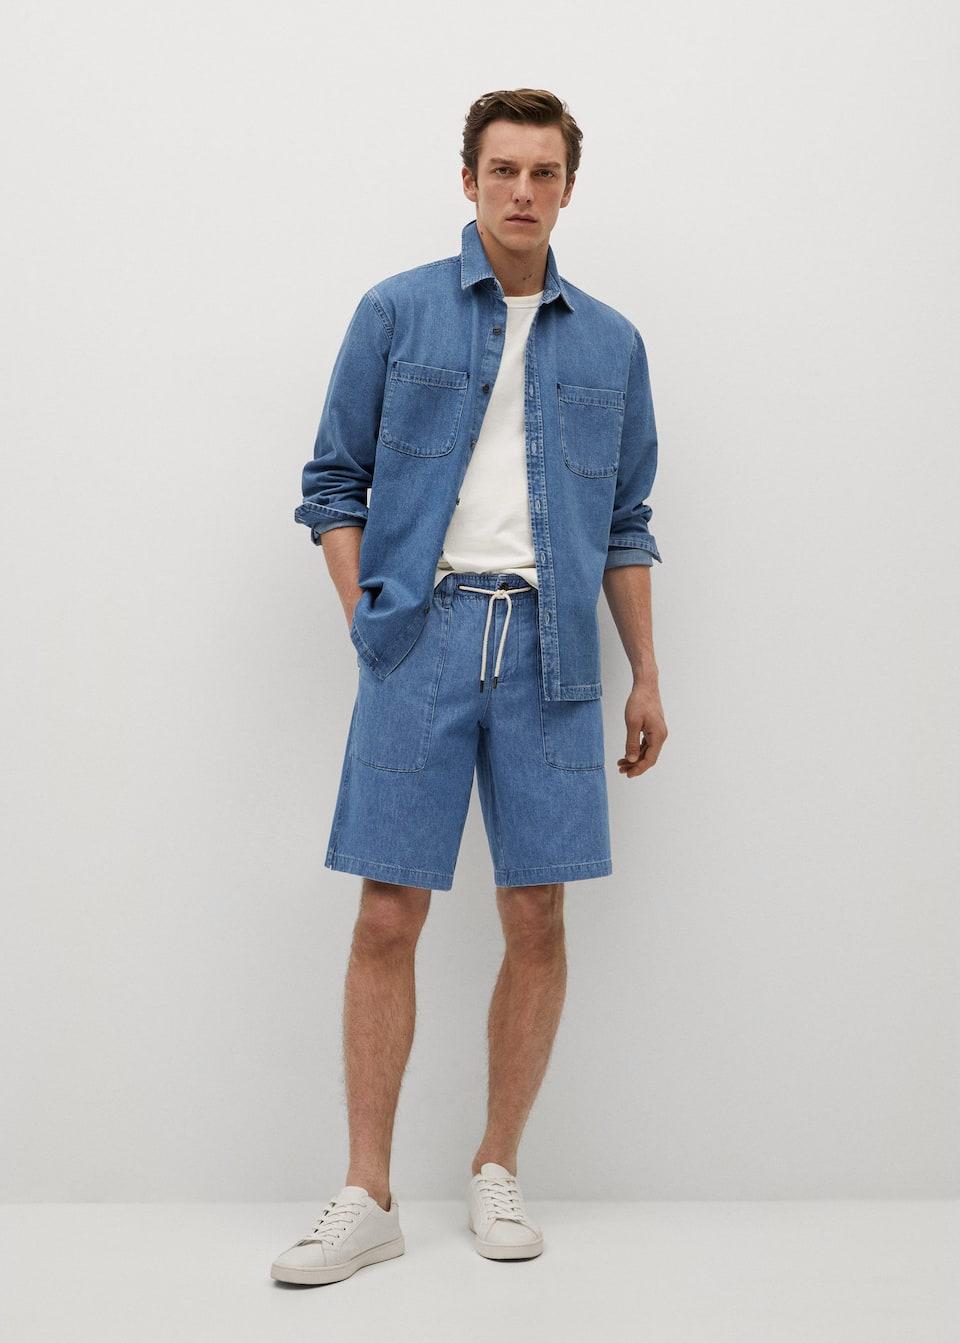 mens summer denim shorts from Mango